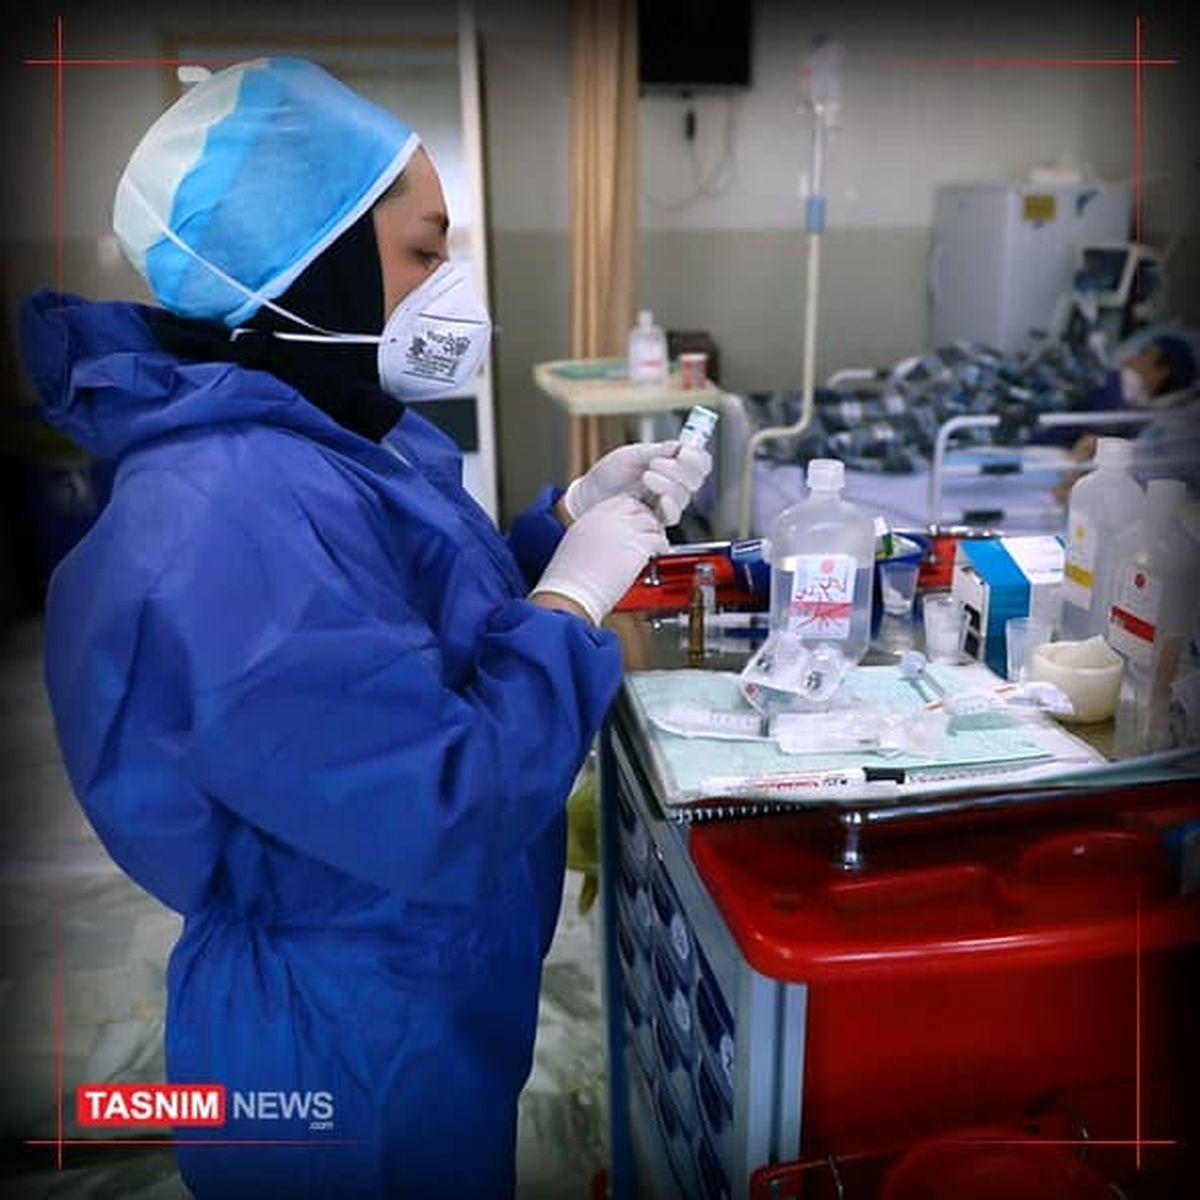 واکسیناسیون مردم از خرداد ۱۴۰۰ با واکسن ایرانی